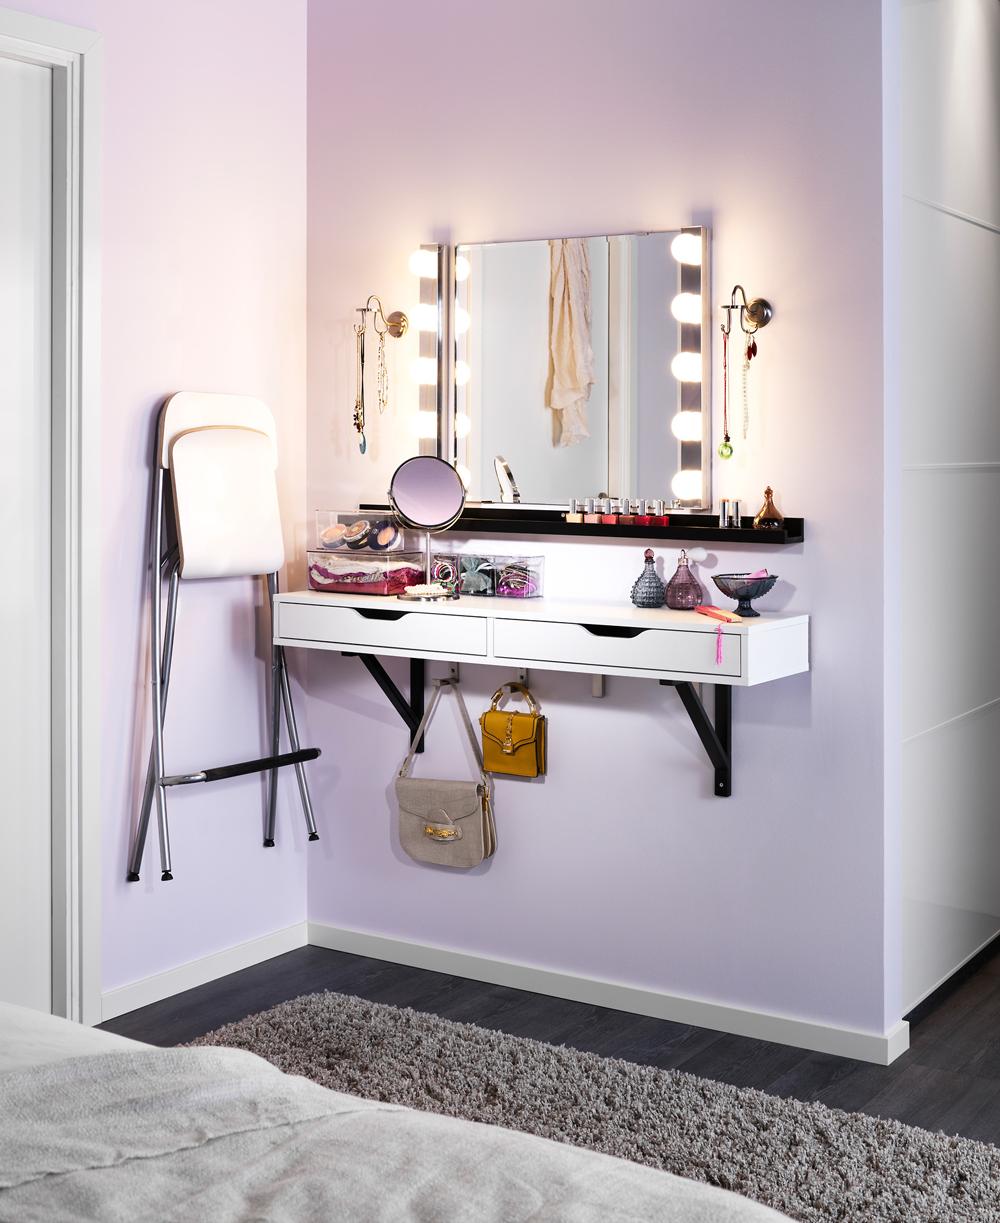 Ikea Étagère avec tiroir ekby alex miroir kolja Étagère ribba